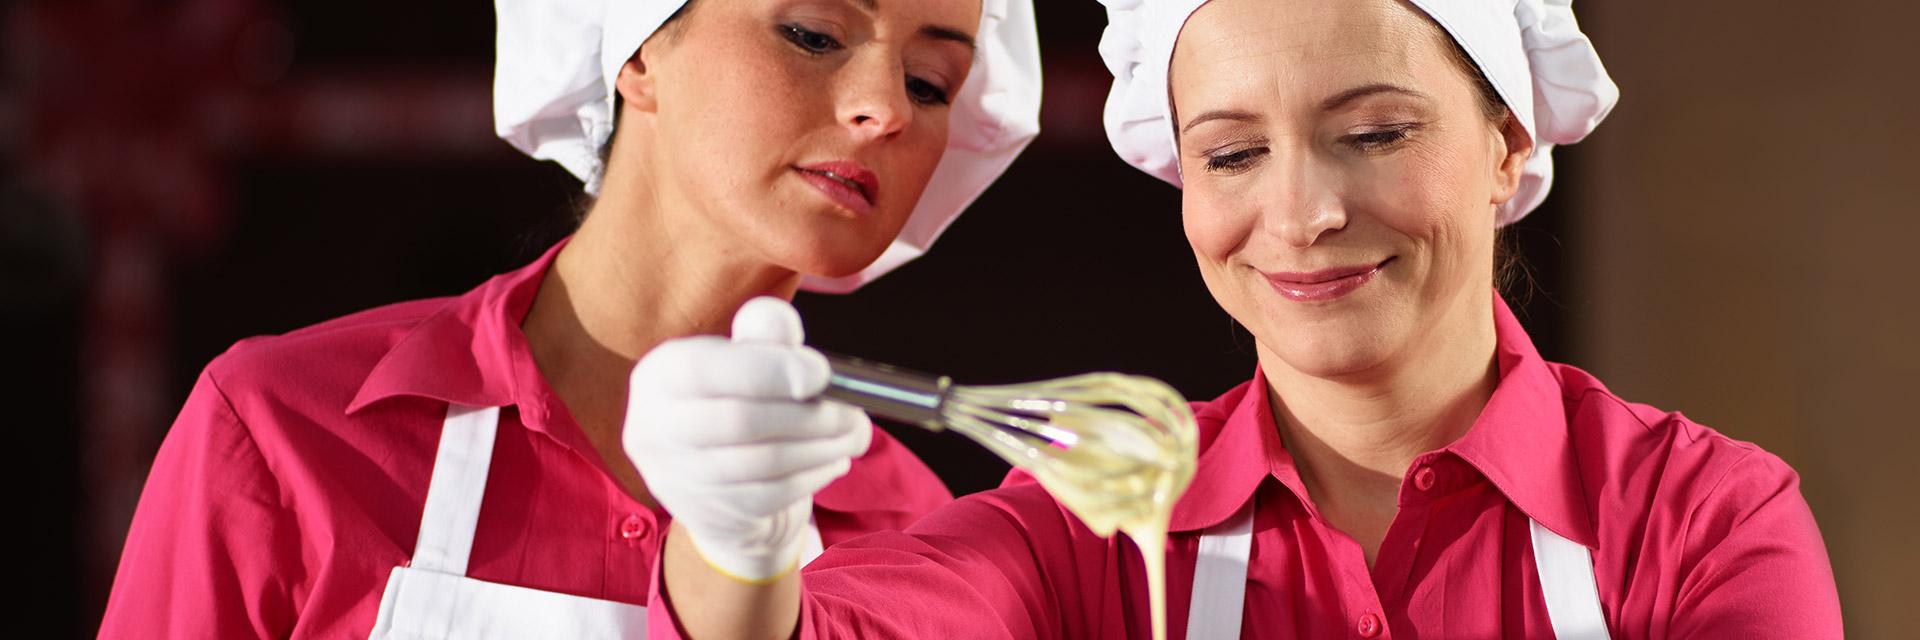 Confiseurinnen backen nach altbewährten Rezept